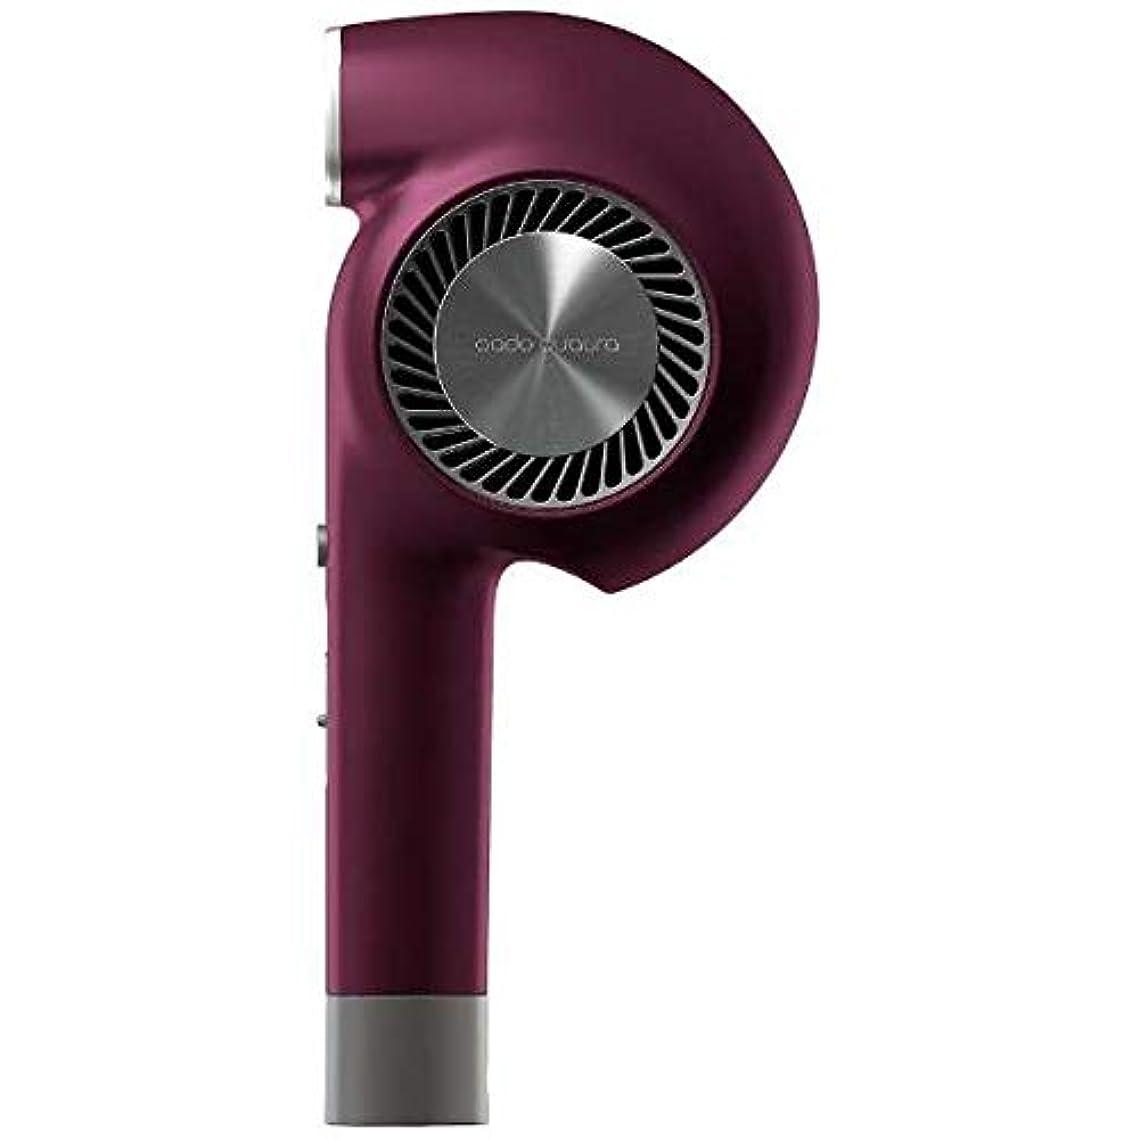 引き出しレギュラー正直カドークオーラ BD-E1-BG ヘアードライヤー Triple Treatment Hair Dryer バーガンディ [国内専用]